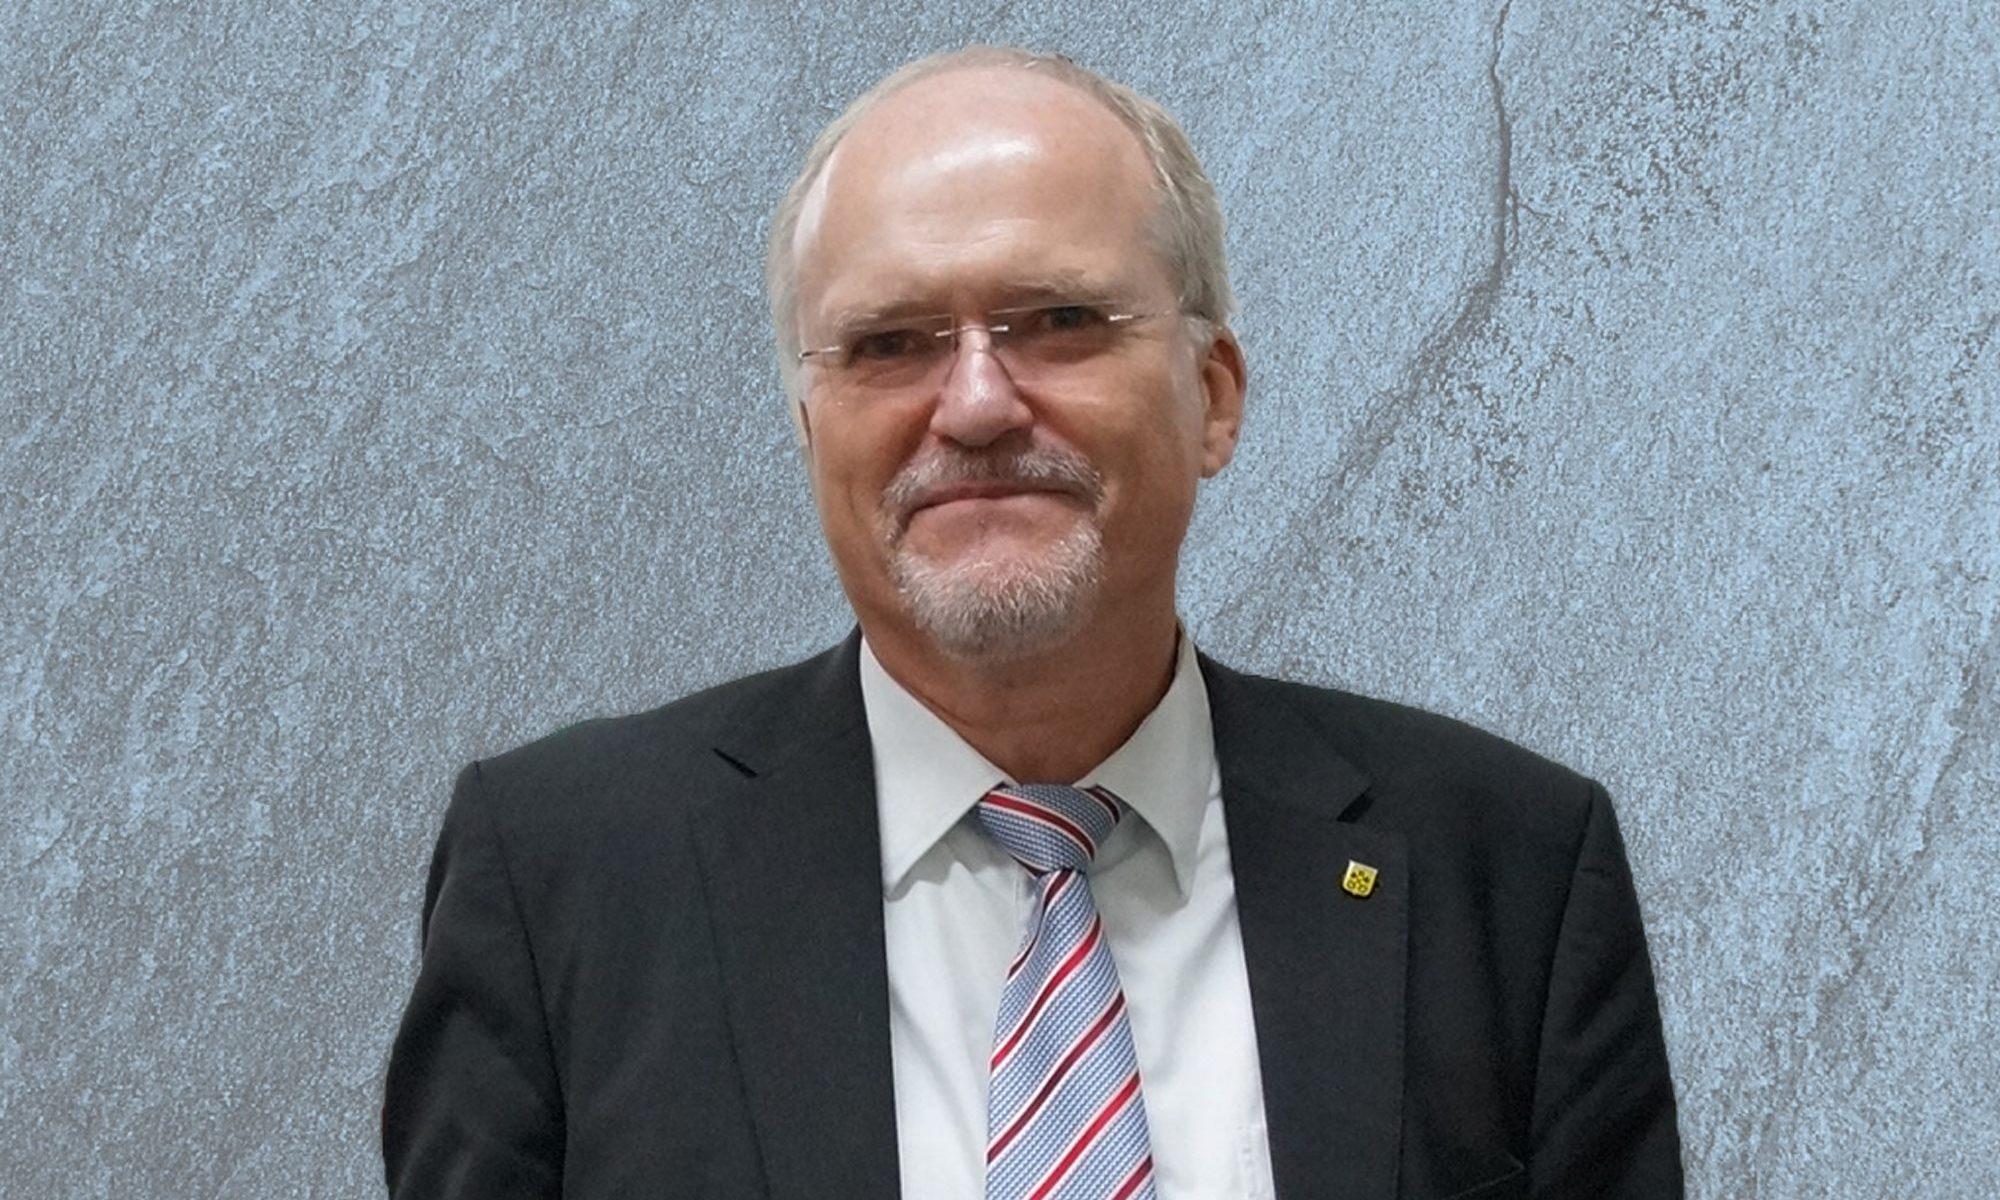 Foto von Bürgermeister Wolfgang Faißt (Bildquelle: Stadt Renningen)